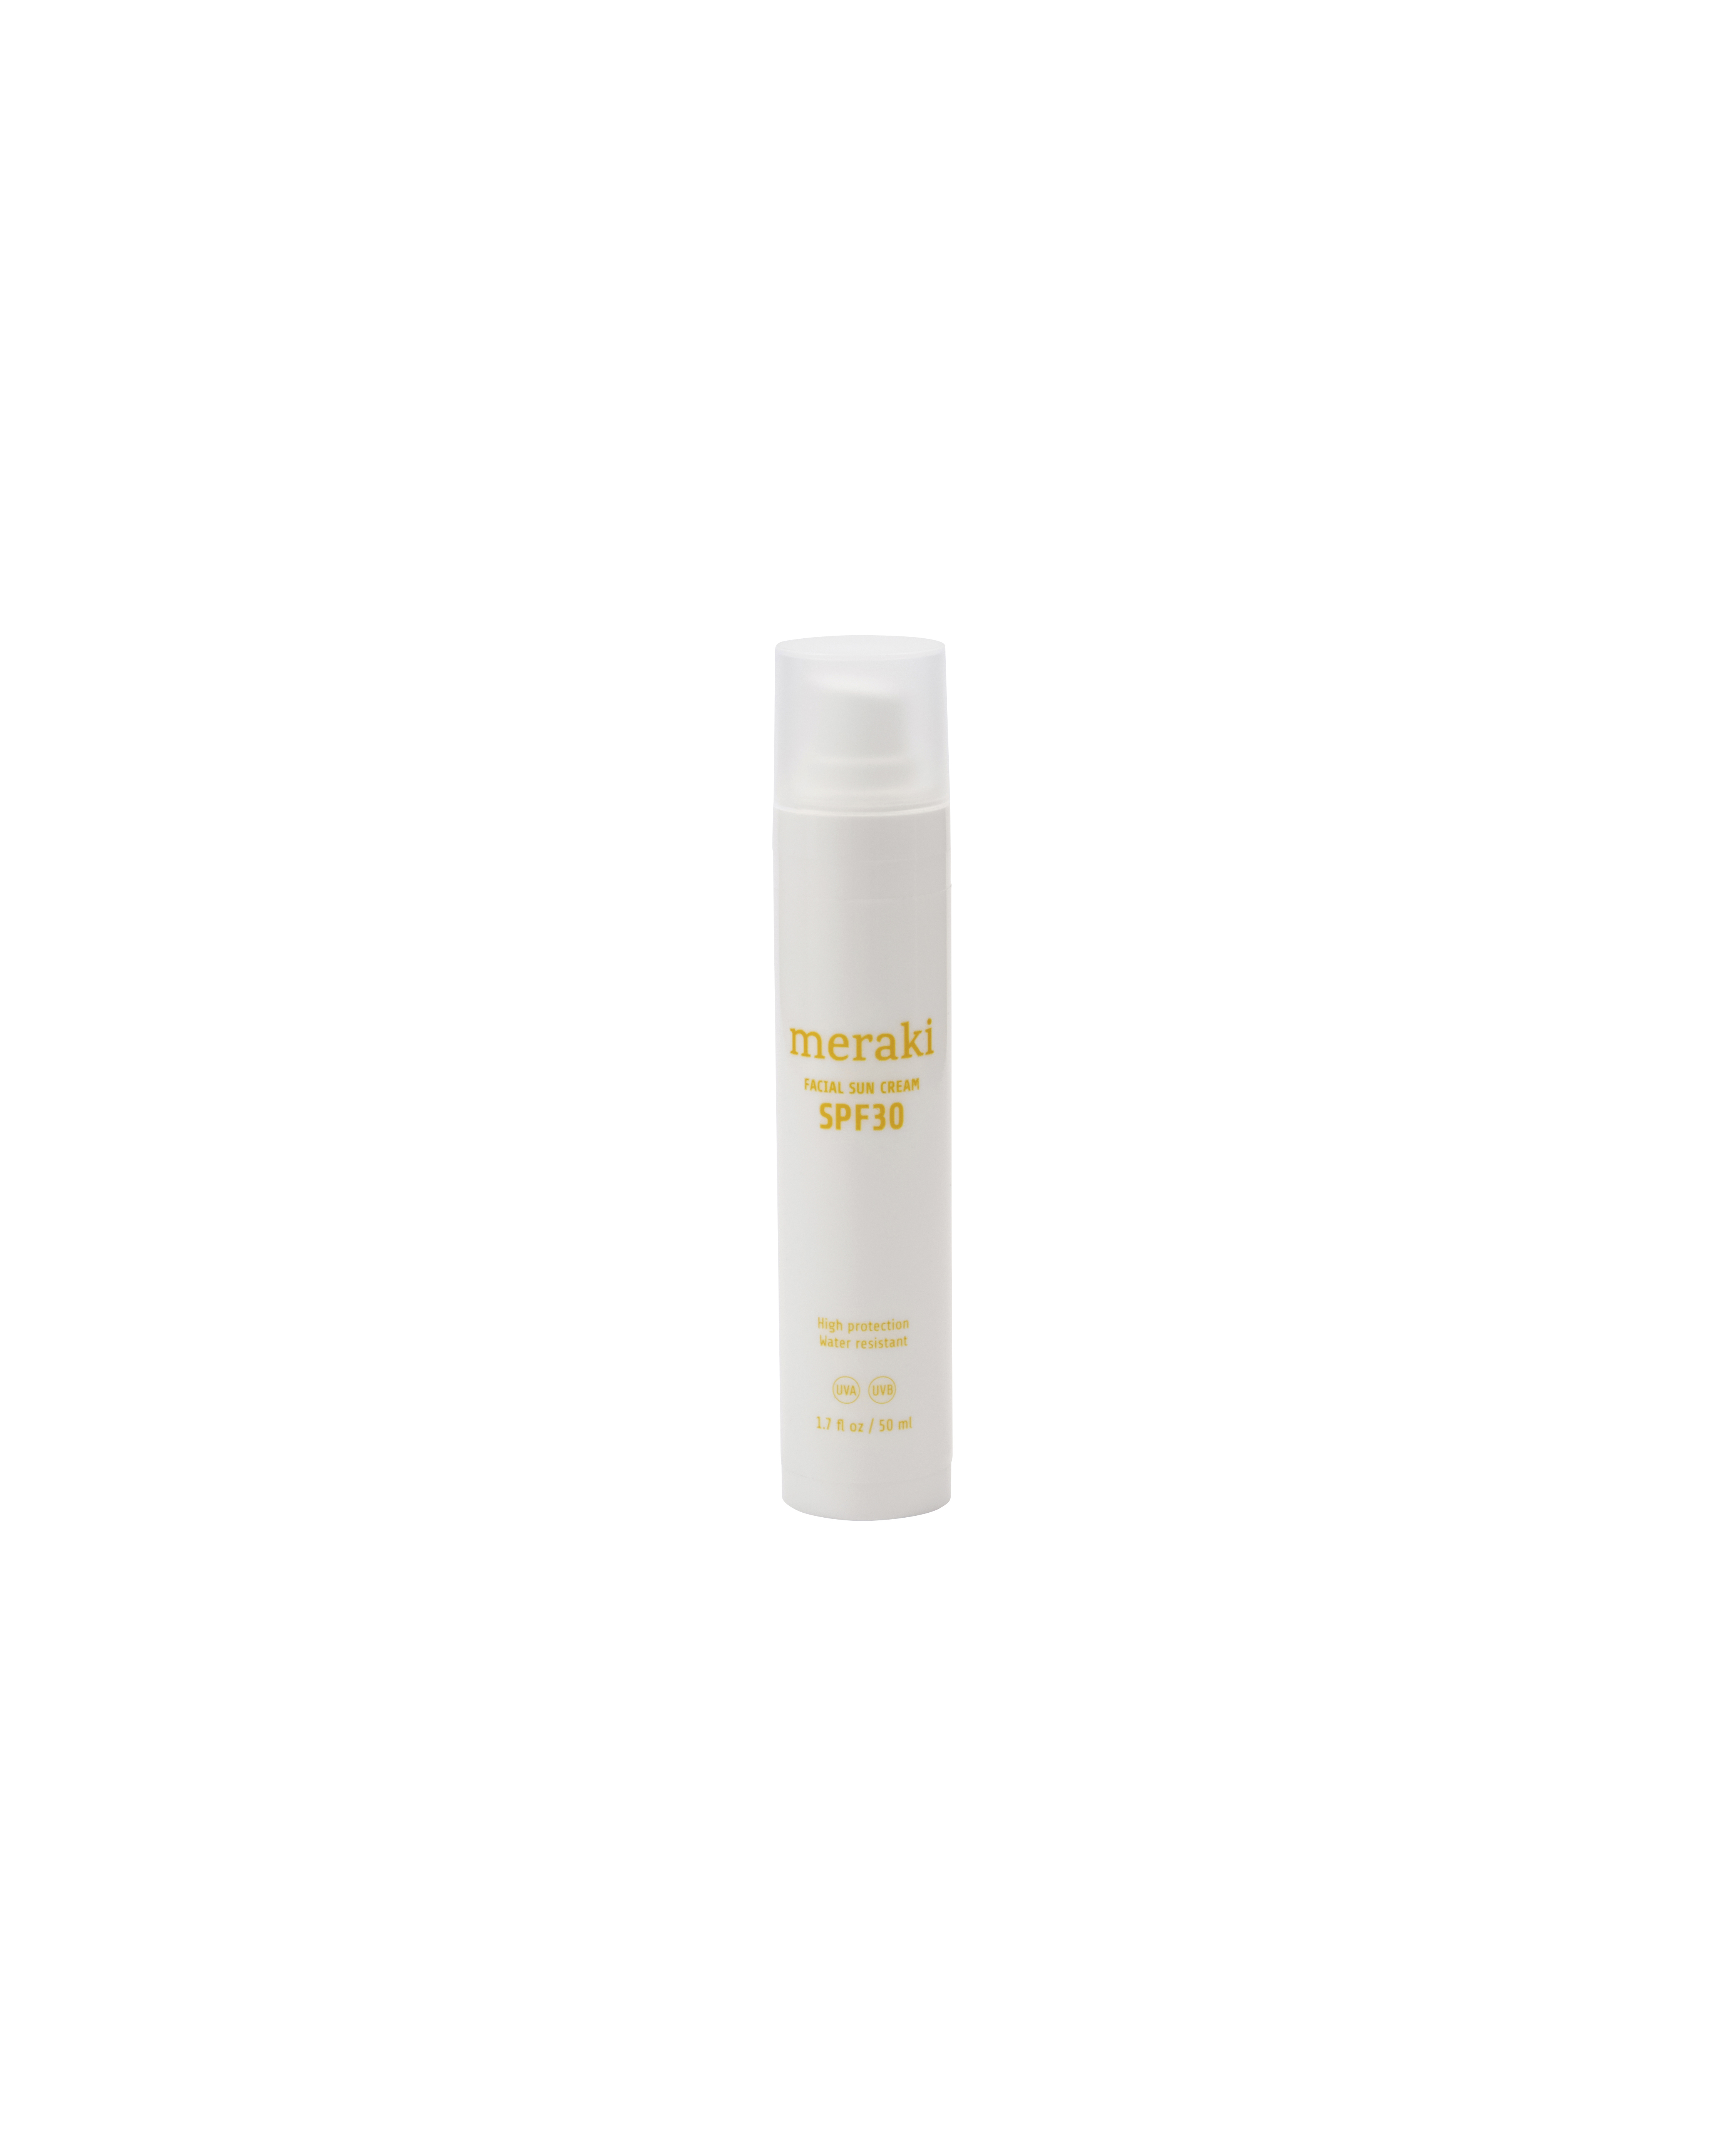 Meraki Facial Sun Cream SPF30, 50 ml